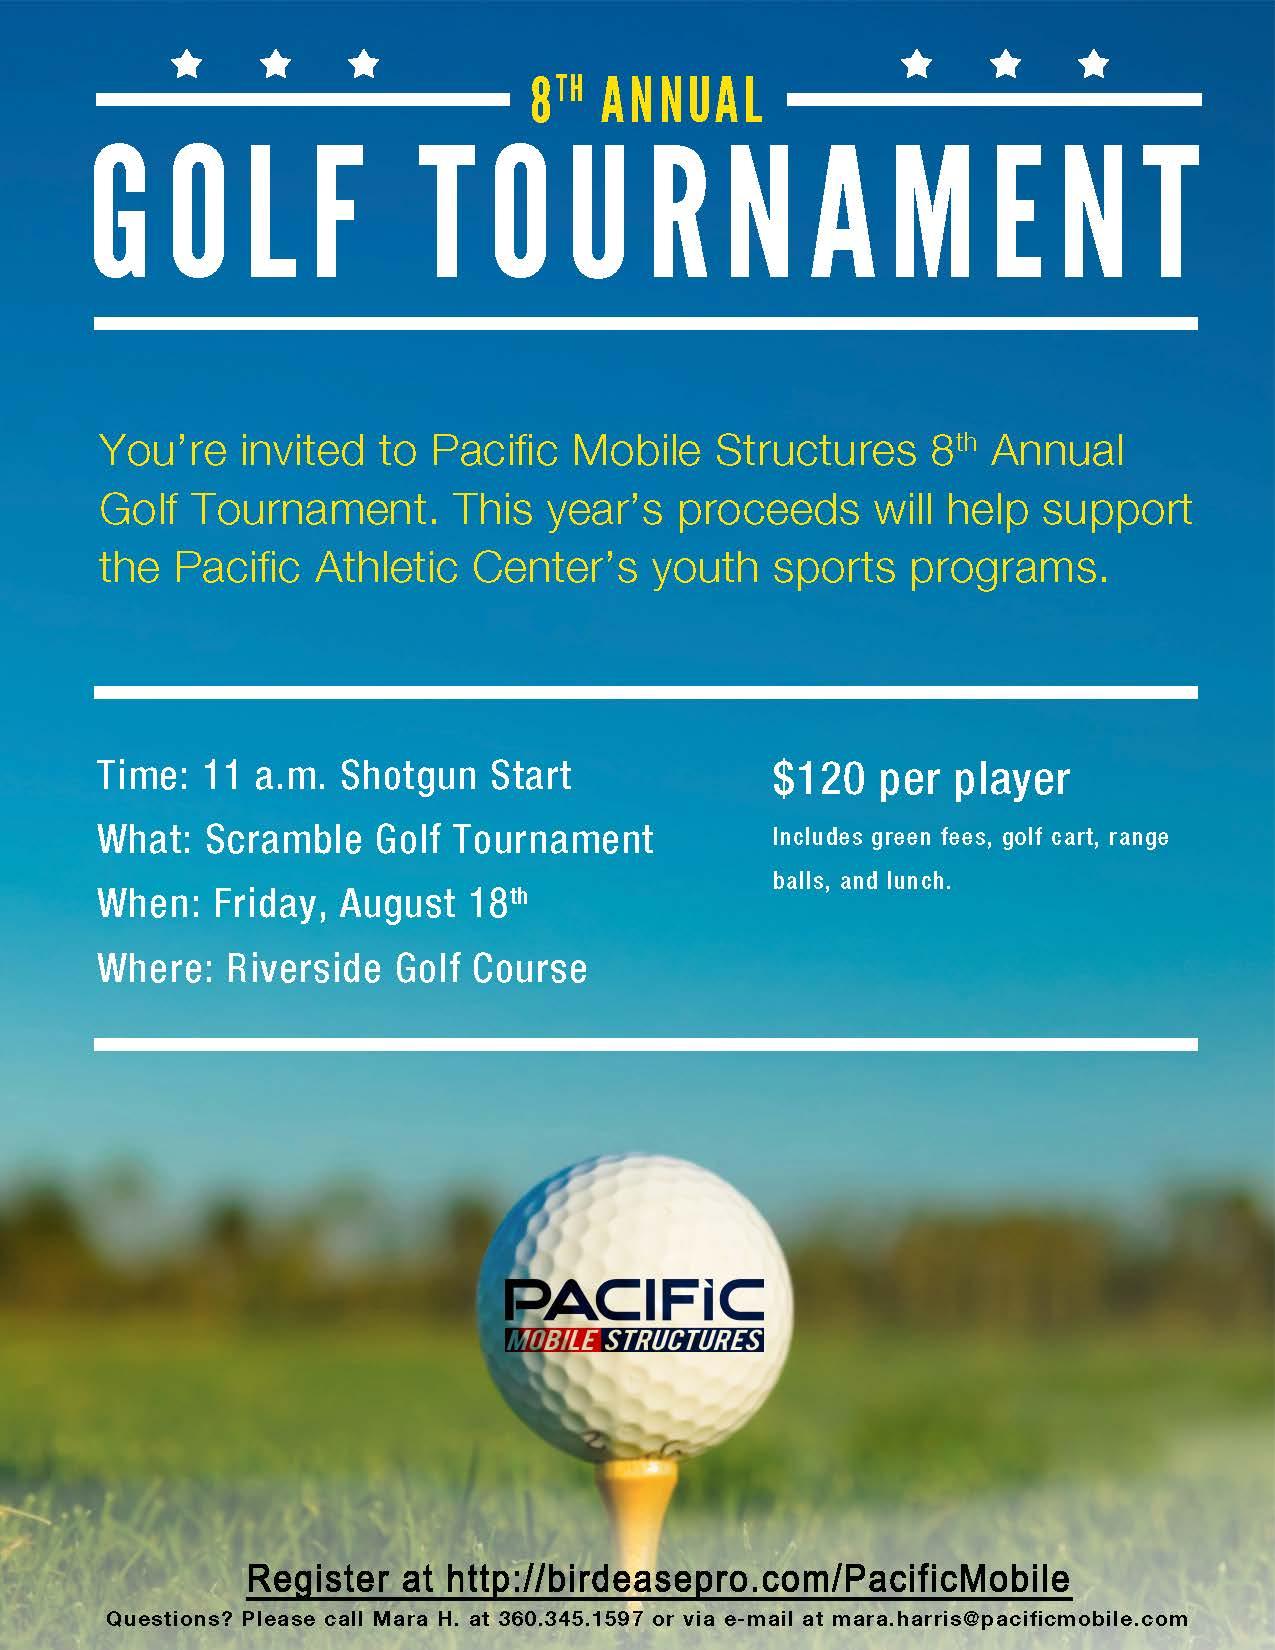 Golf Tournament Invitation_F_MH_3.22.2017.jpg